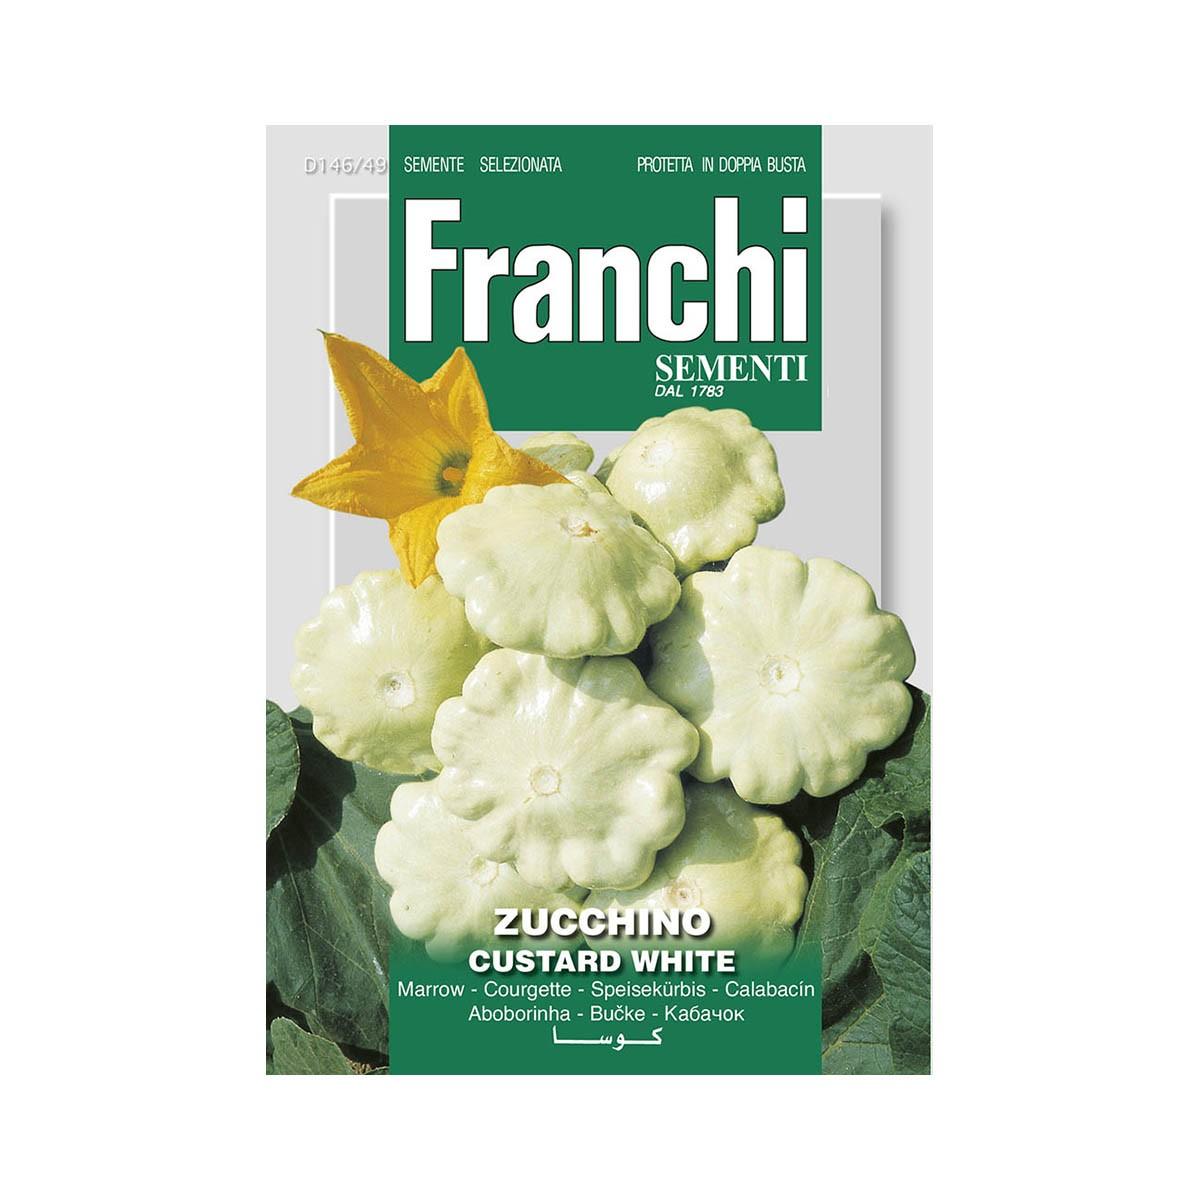 Semi Zucchino Custard White